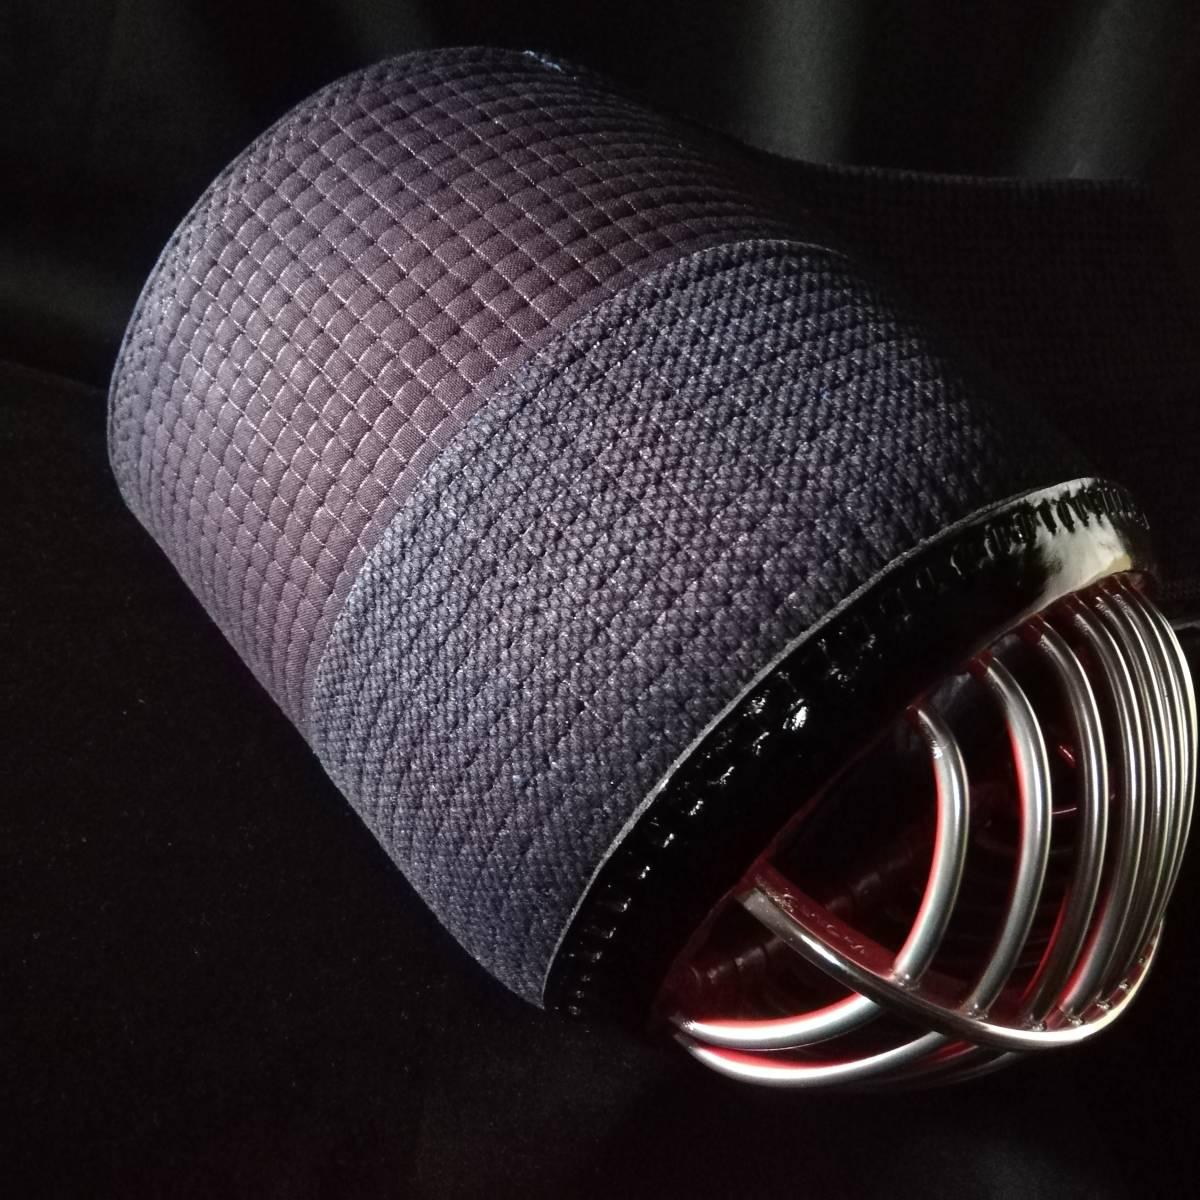 月産限定10セット オーダーメイド織刺2.5分手刺セット 選べる内輪素材 布団の長さ幅もお好みで 子供用可 _顎はお好みの模様で製作致します